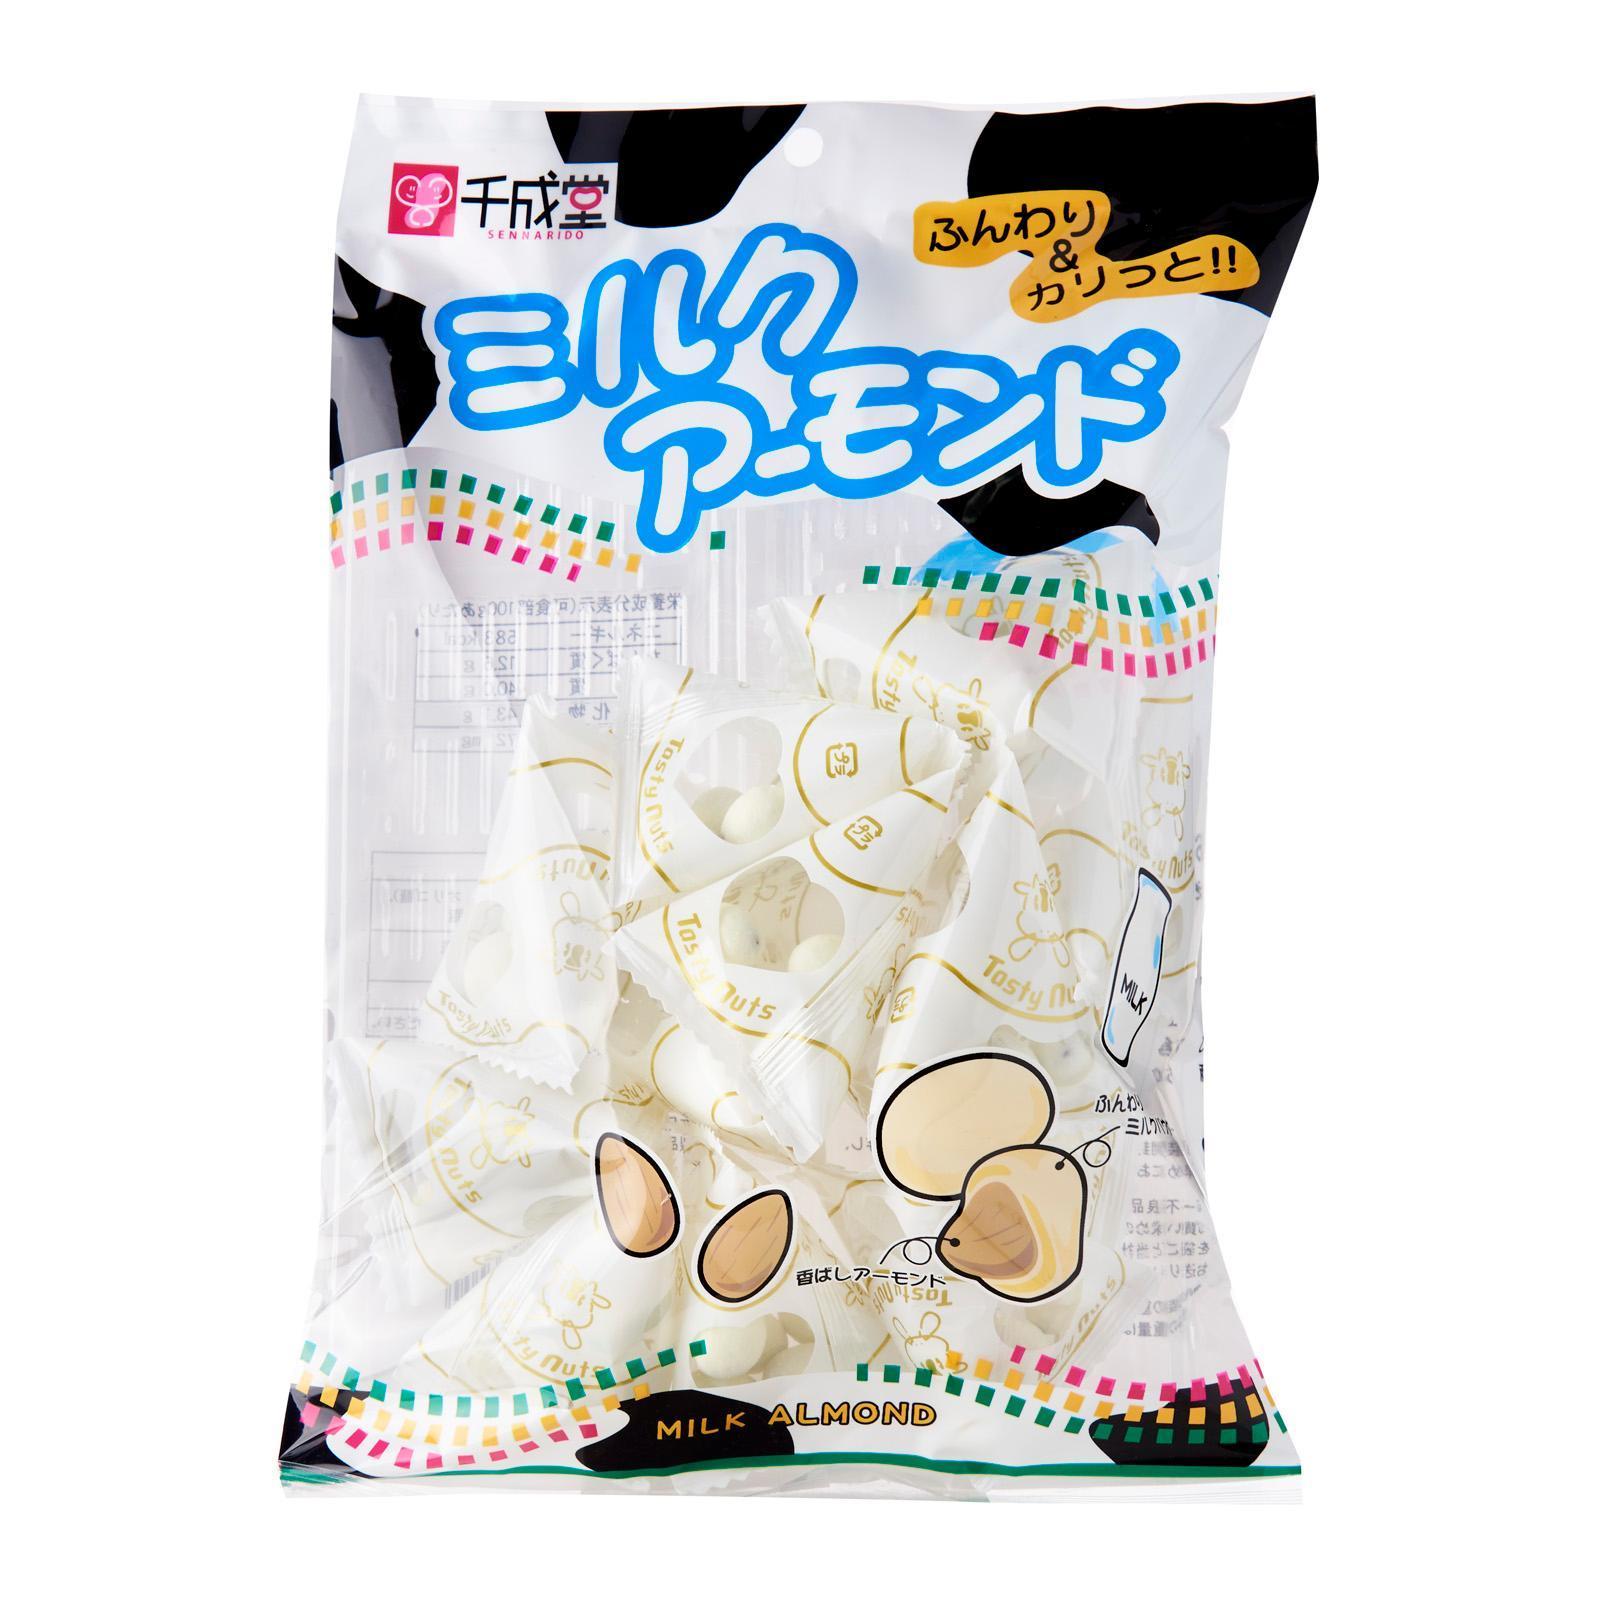 Sennarido Milk Almonds - Jetro Special